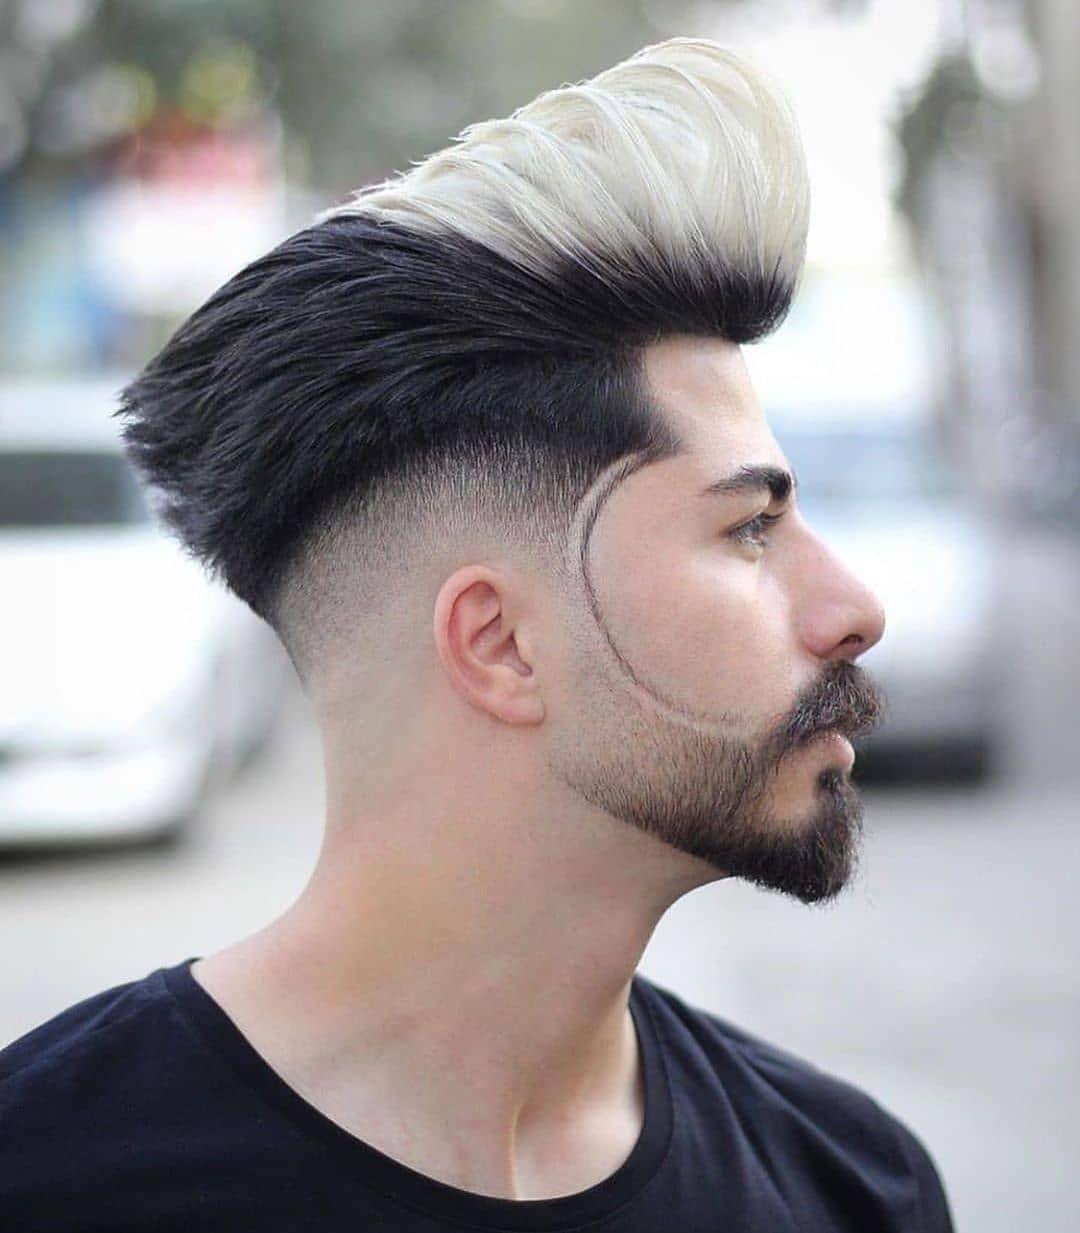 Coiffure Homme Coiffure Homme Cheveux Toupet Coiffure